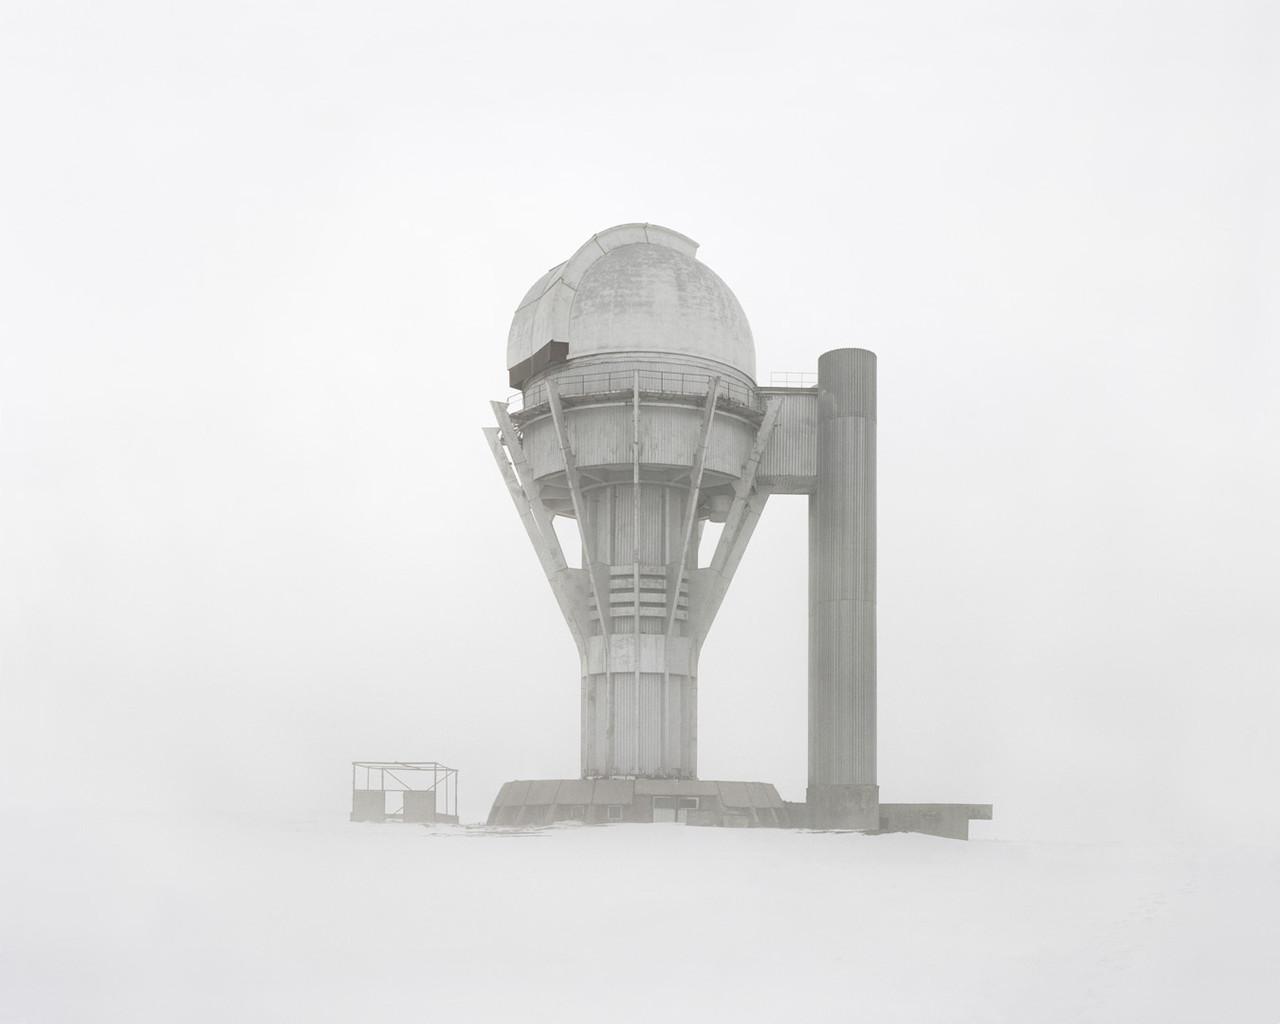 Observatorio en la nieve